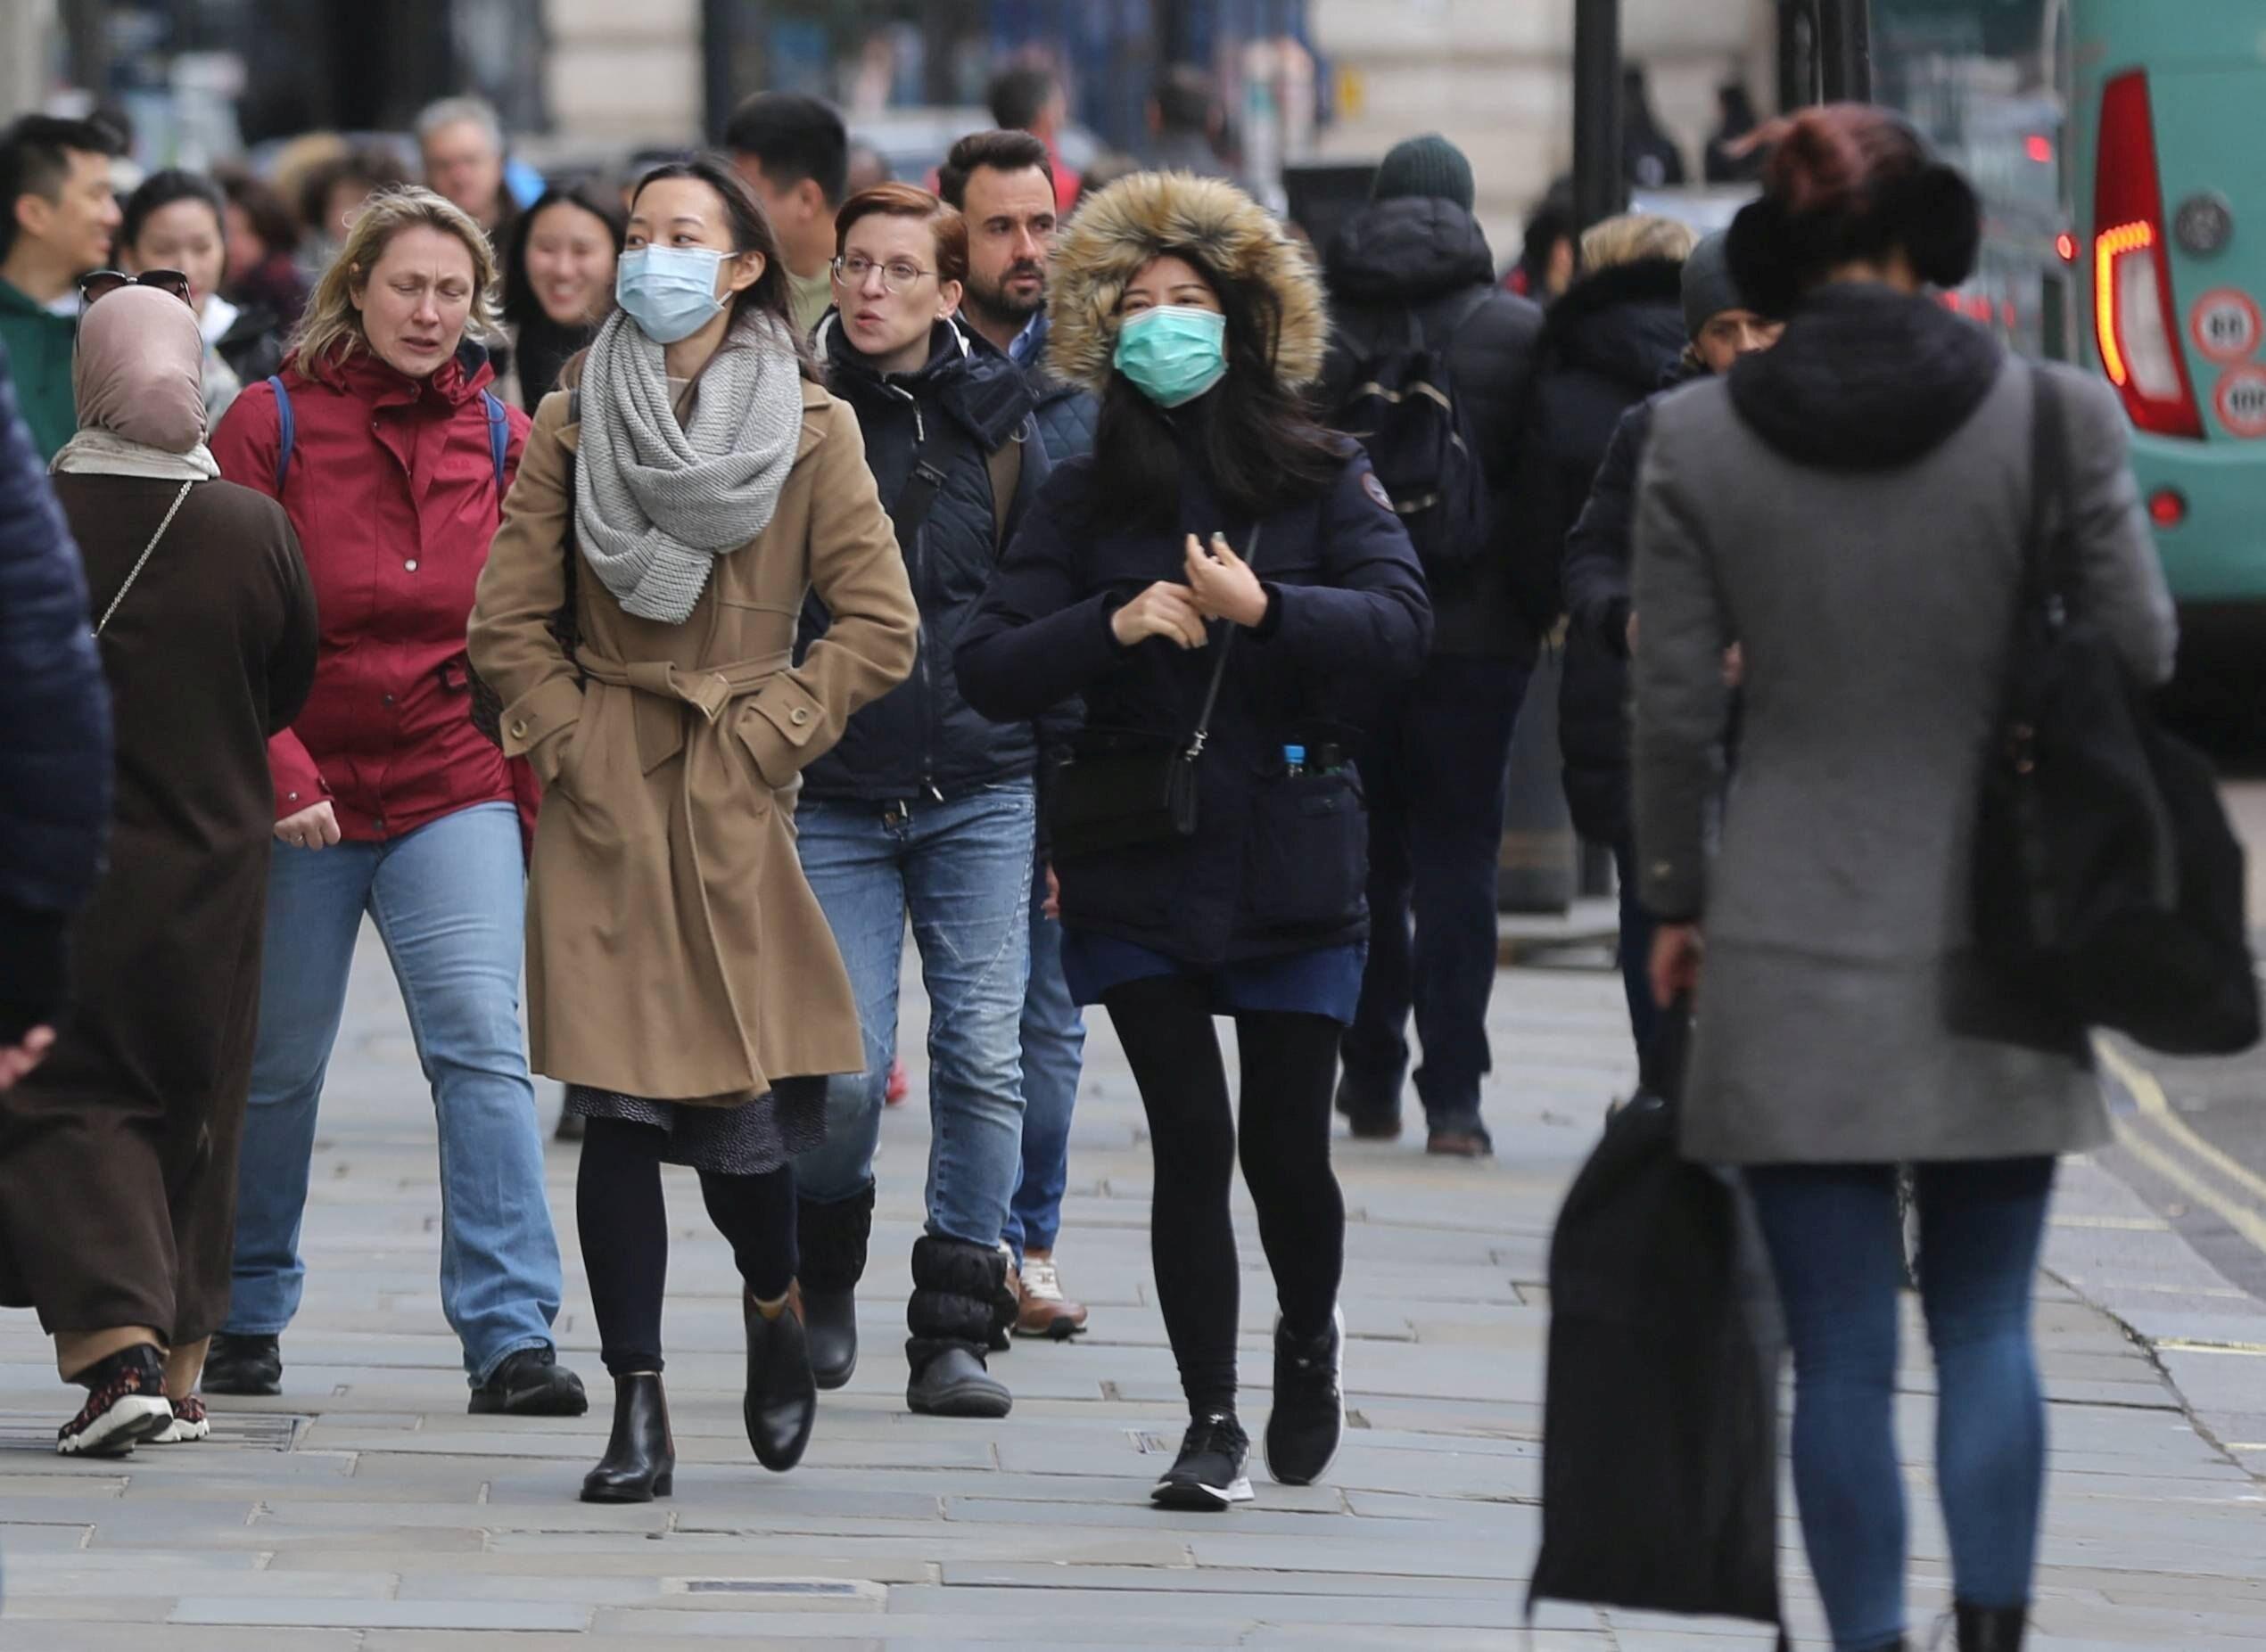 Przechodnie w maskach ochronnych na ulicach Londynu